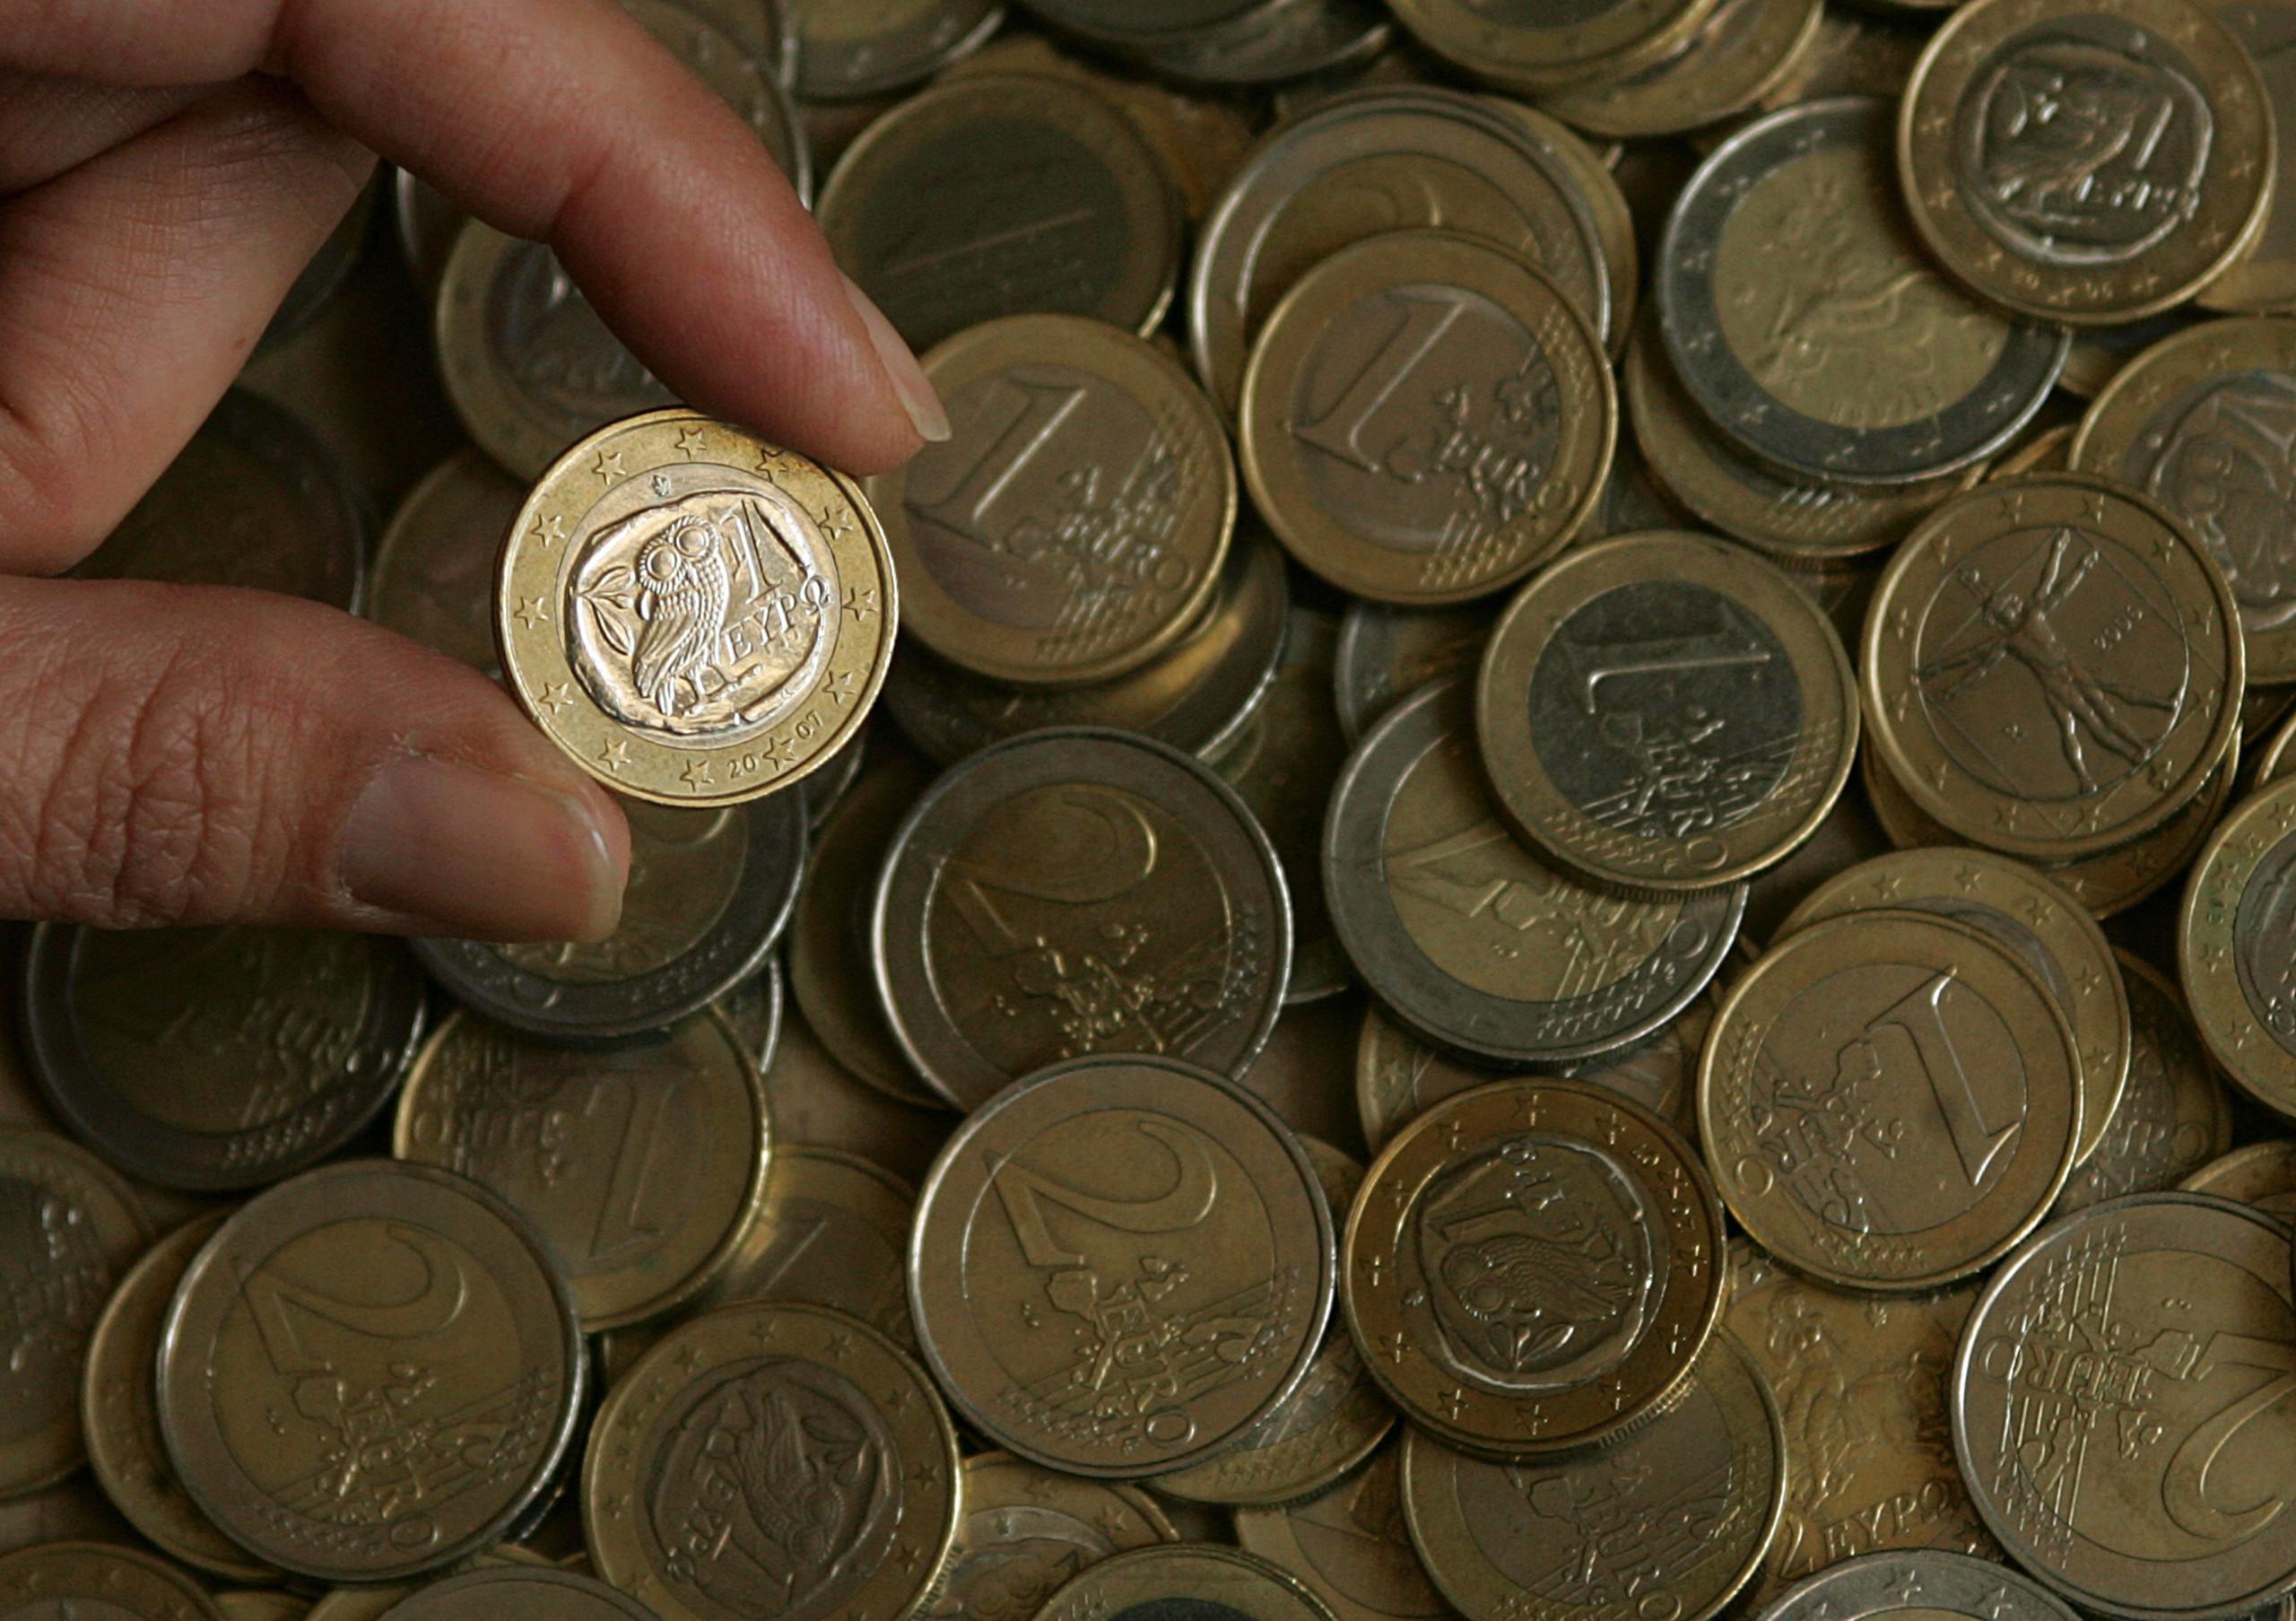 Parceiros sociais voltam a debater aumento do salário mínimo em 2019